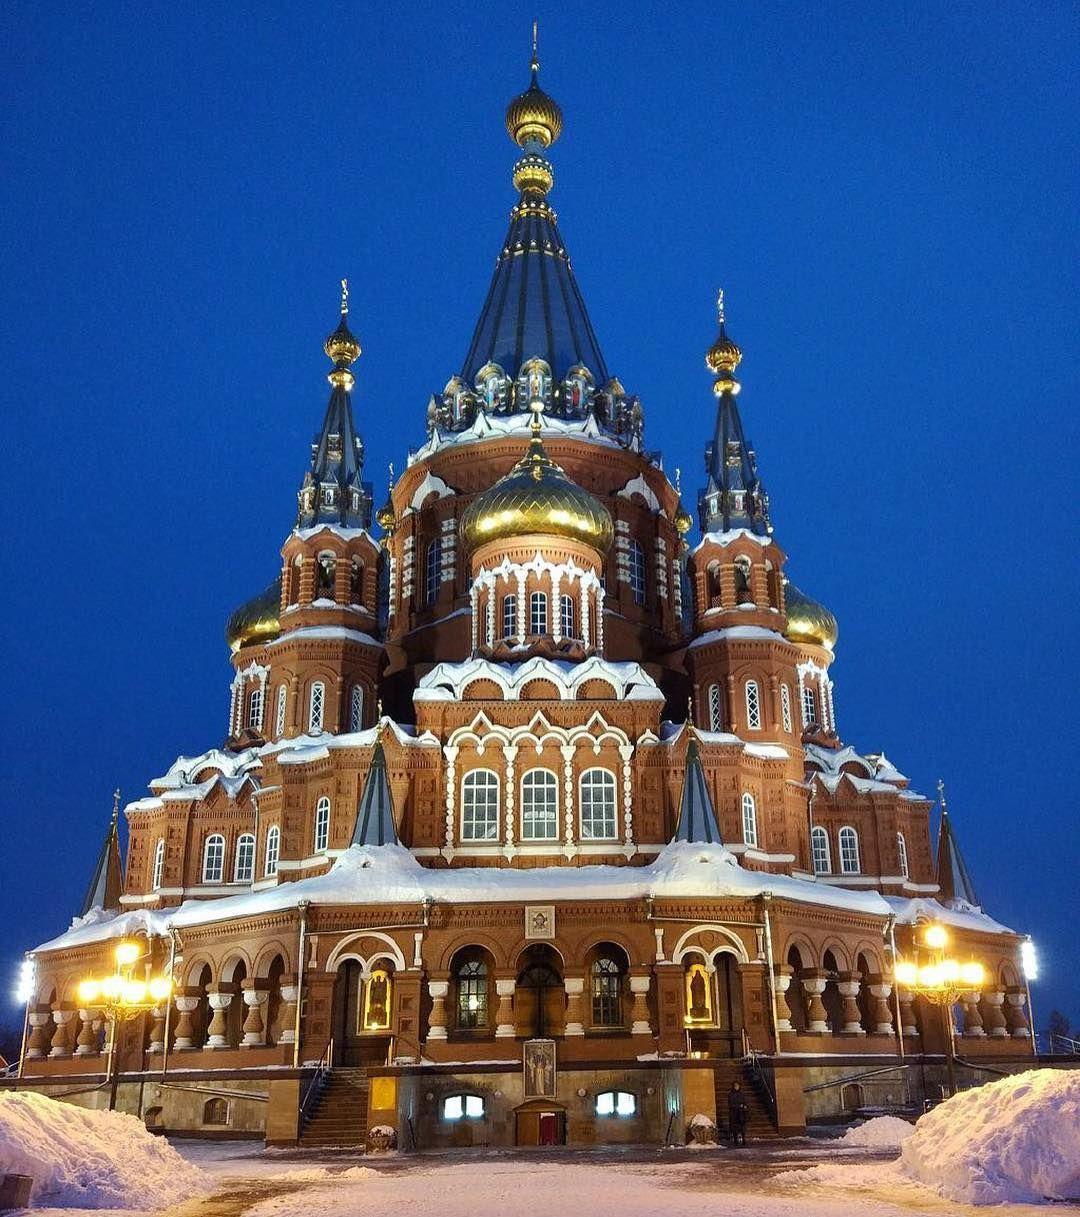 ежедневно красивые фотографии русские церкви одной стороны колода